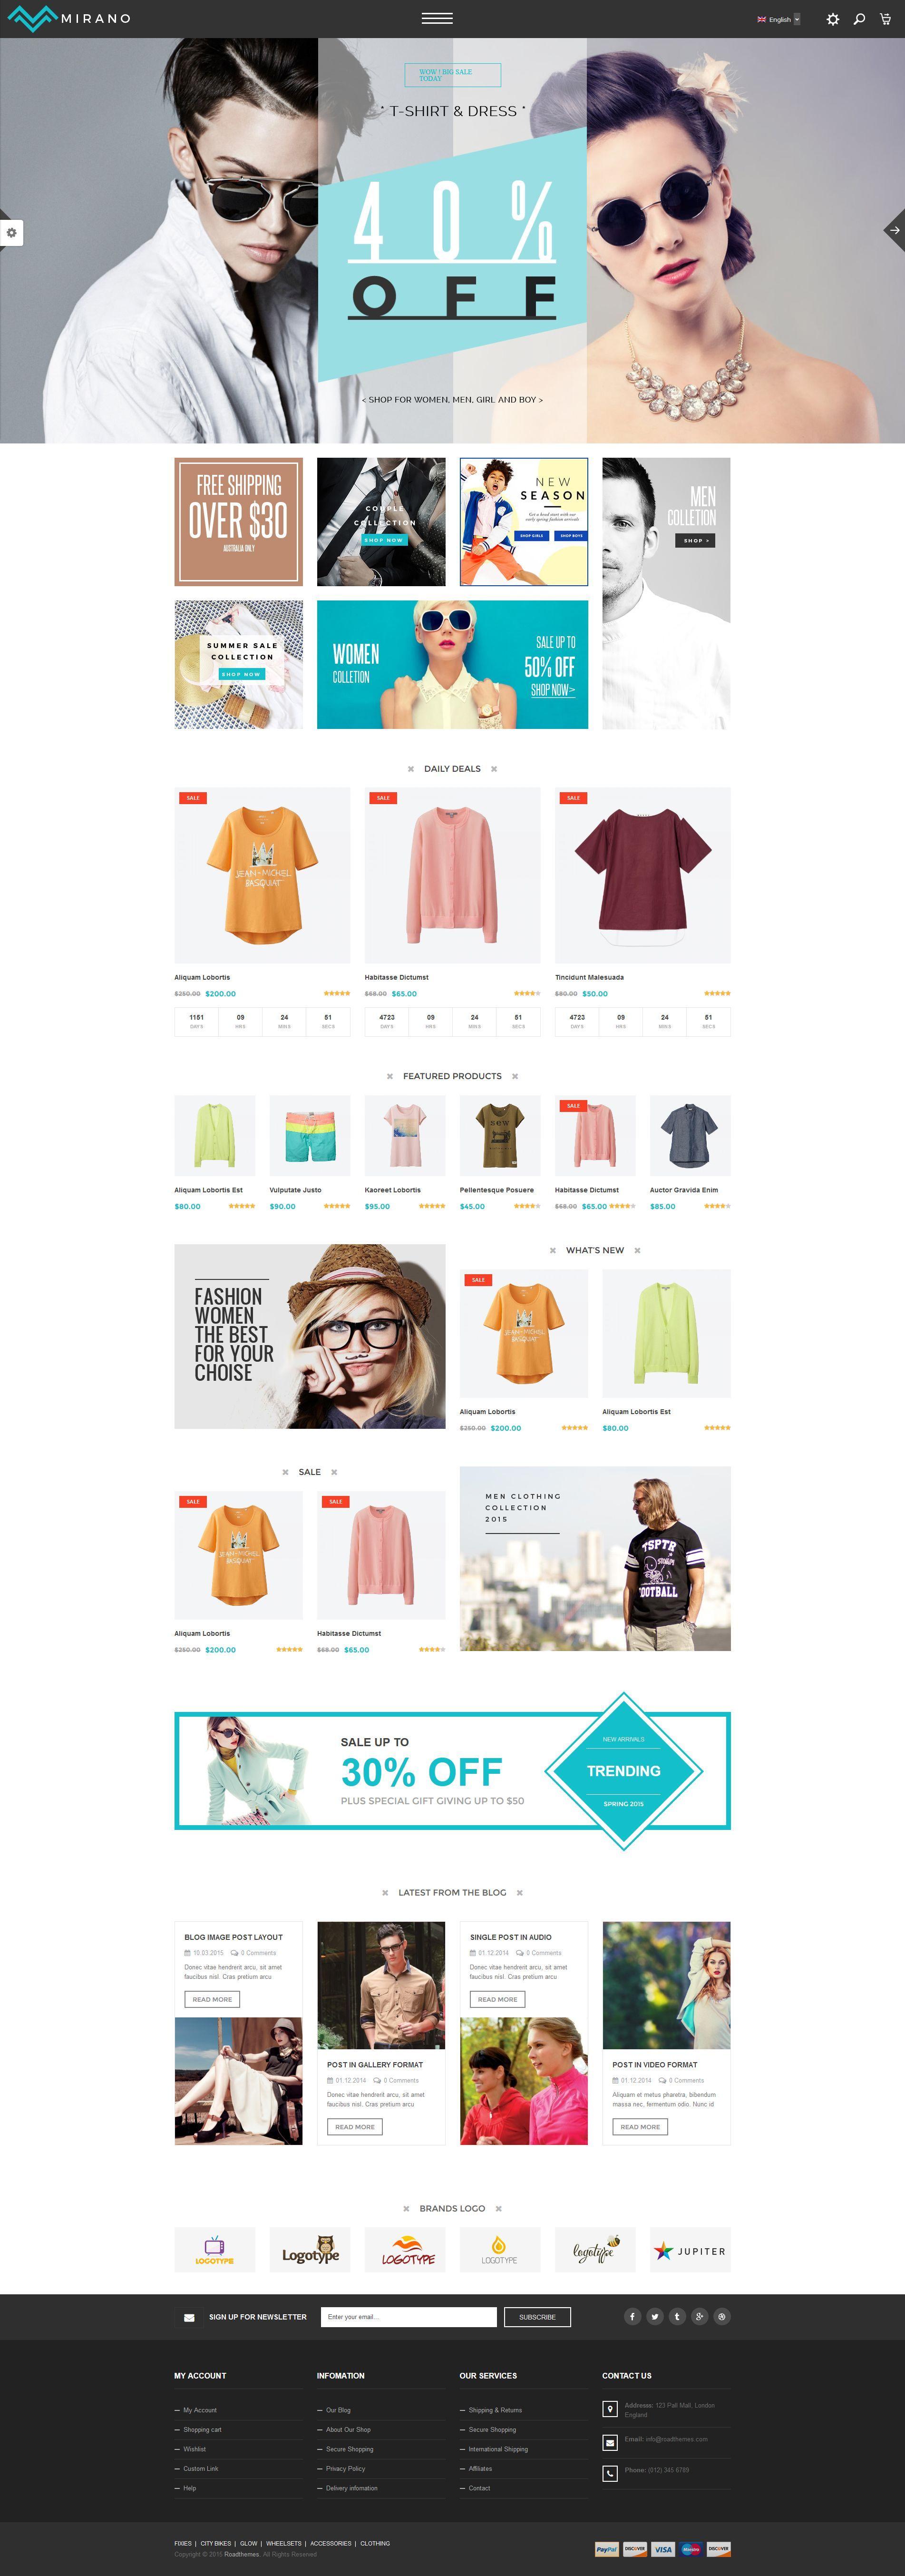 Mirano - Multipurpose Responsive WooCommerce Theme